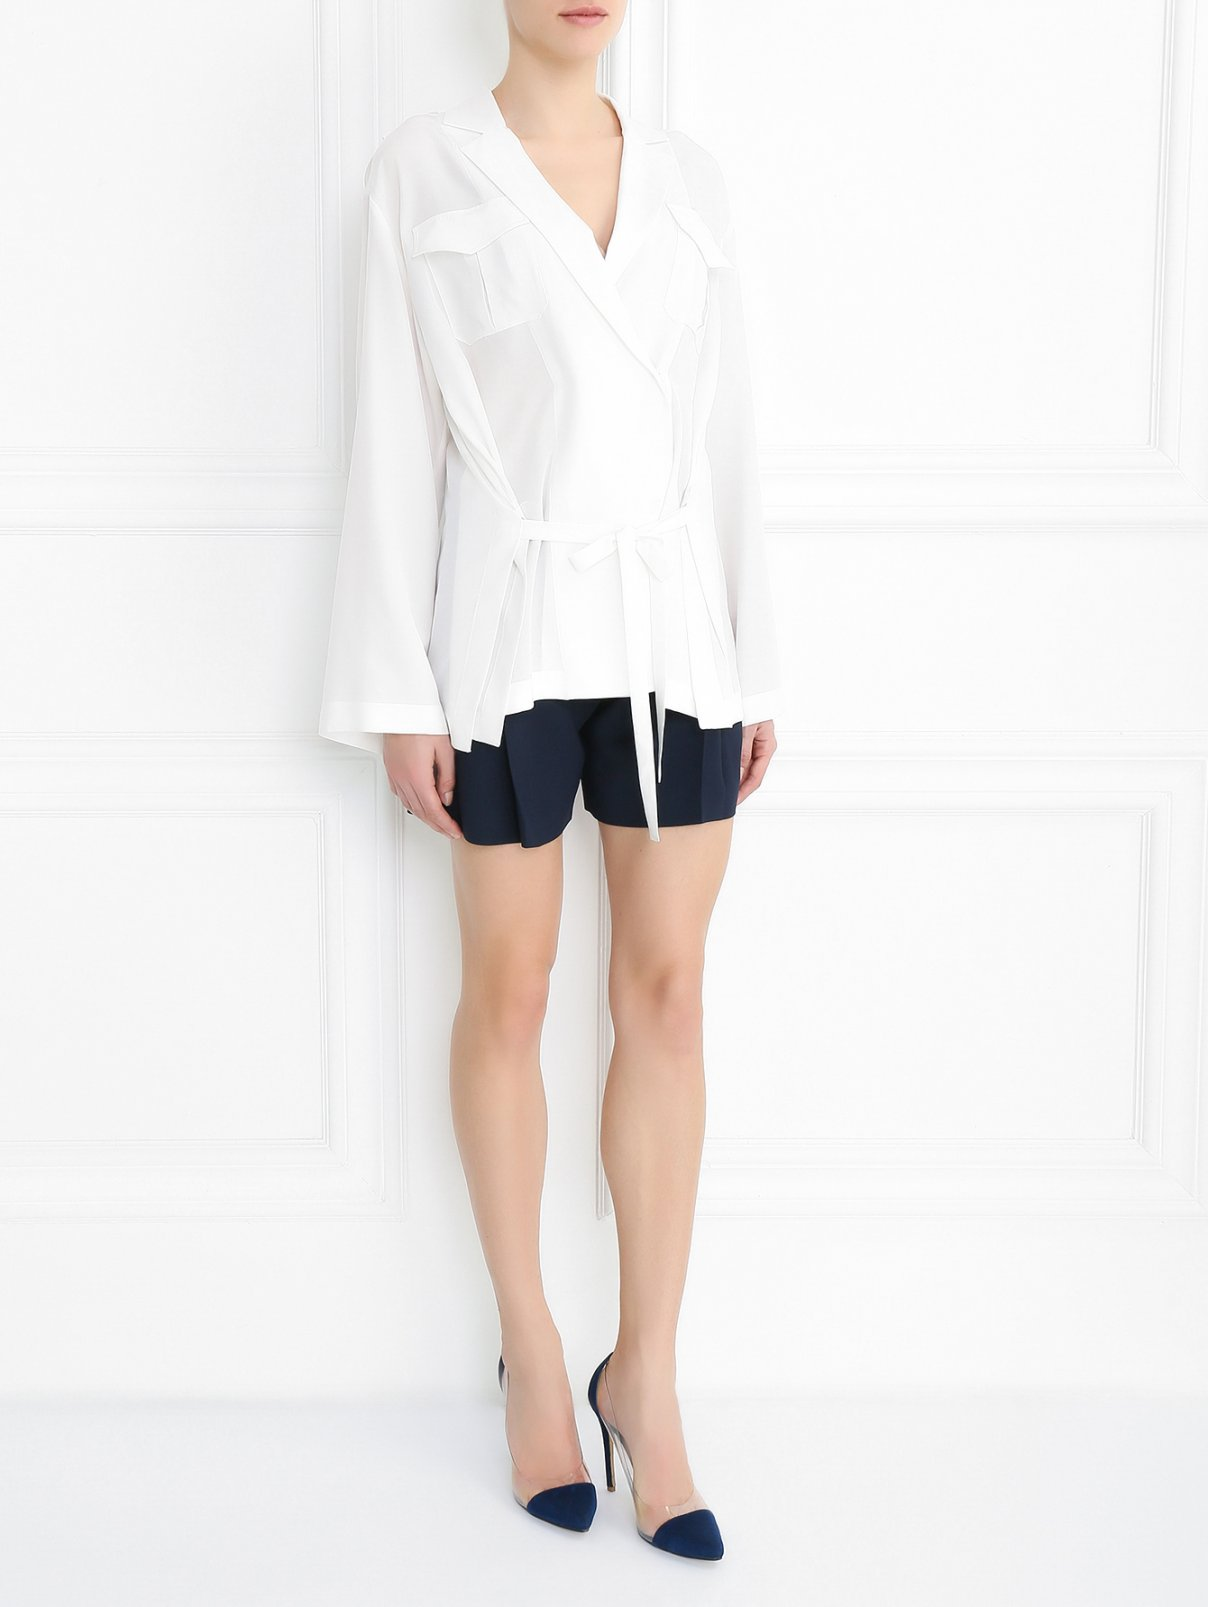 Шелковая блуза с запахом Alberta Ferretti  –  Модель Общий вид  – Цвет:  Белый